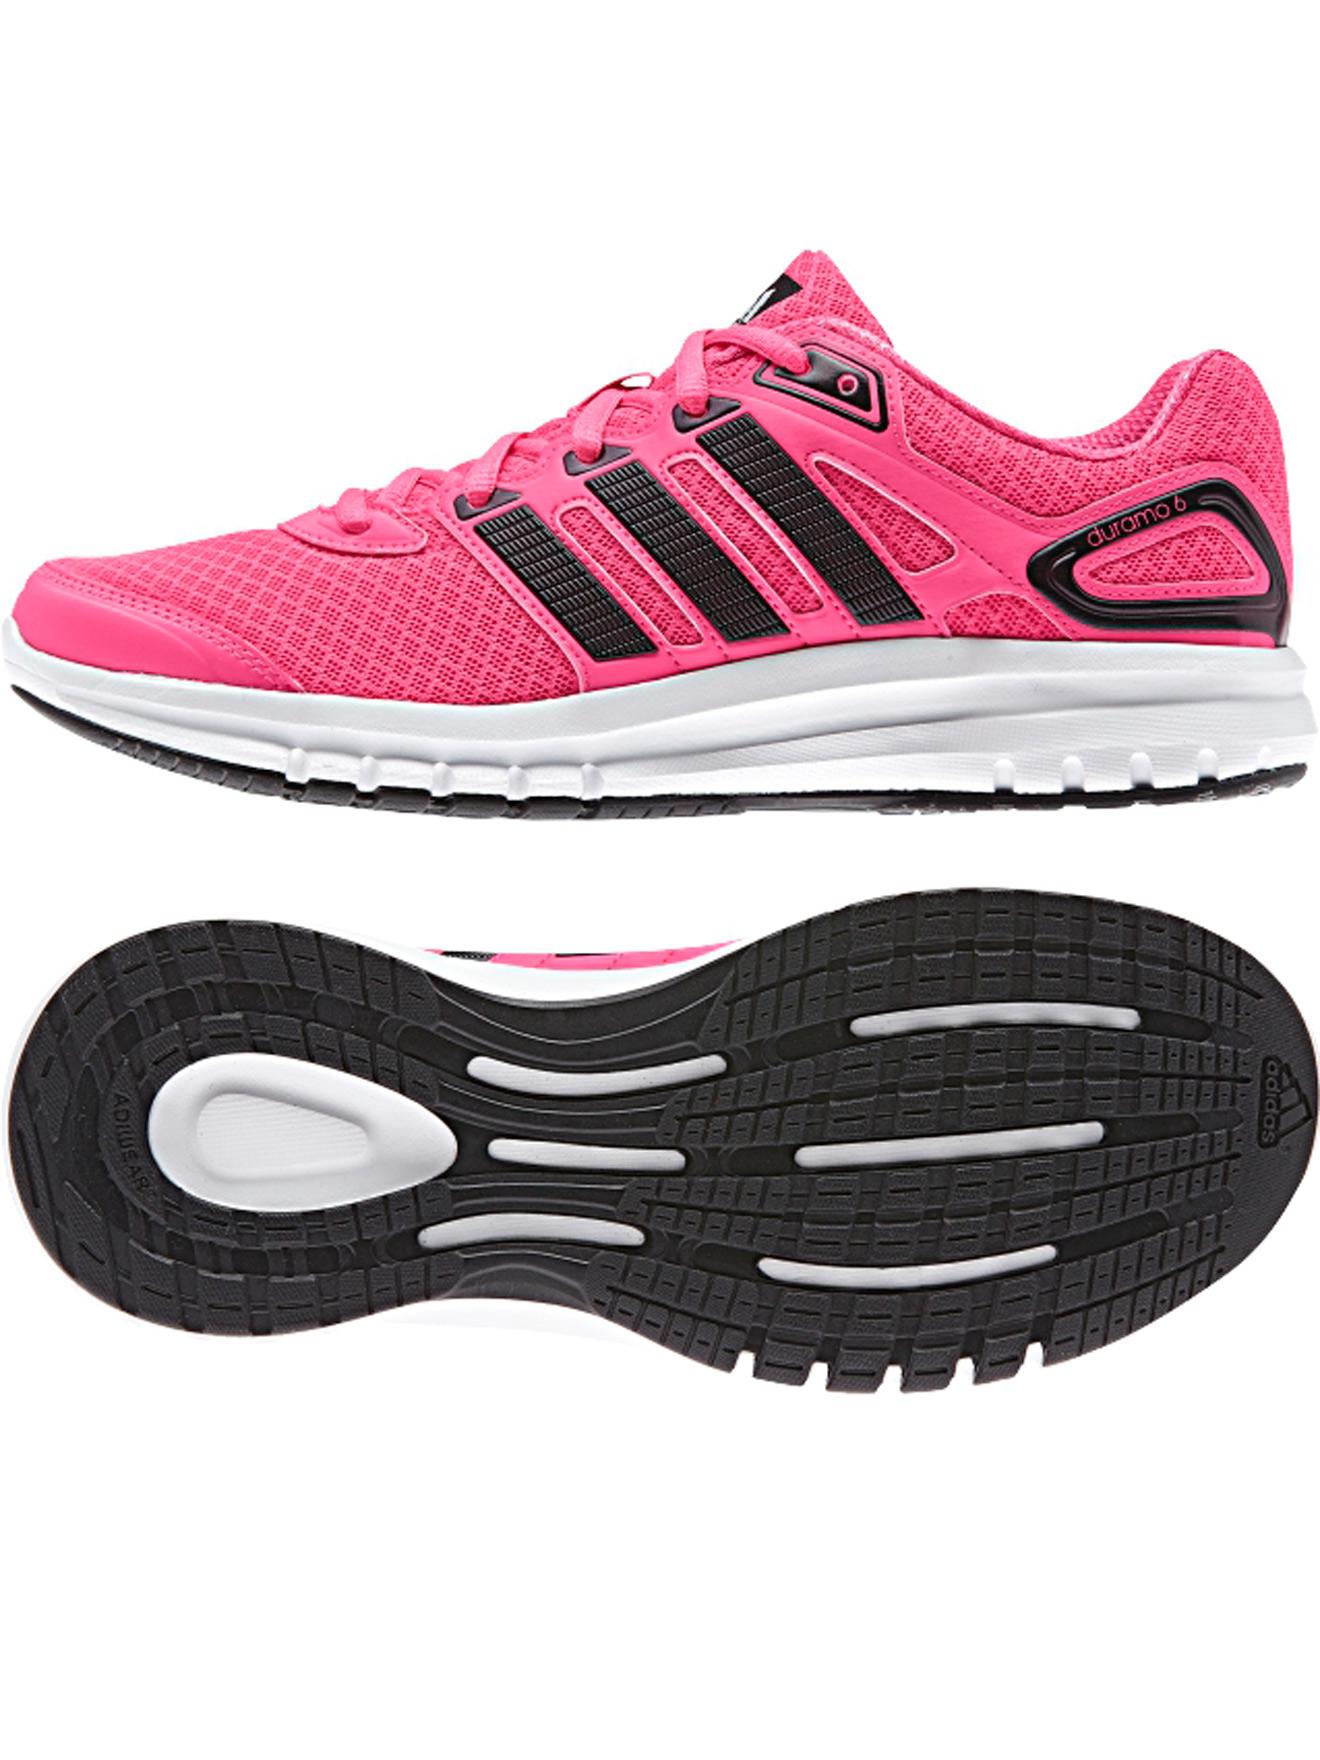 new product 96fd4 53379 Chaussures de running Duramo 6 - Balsamik